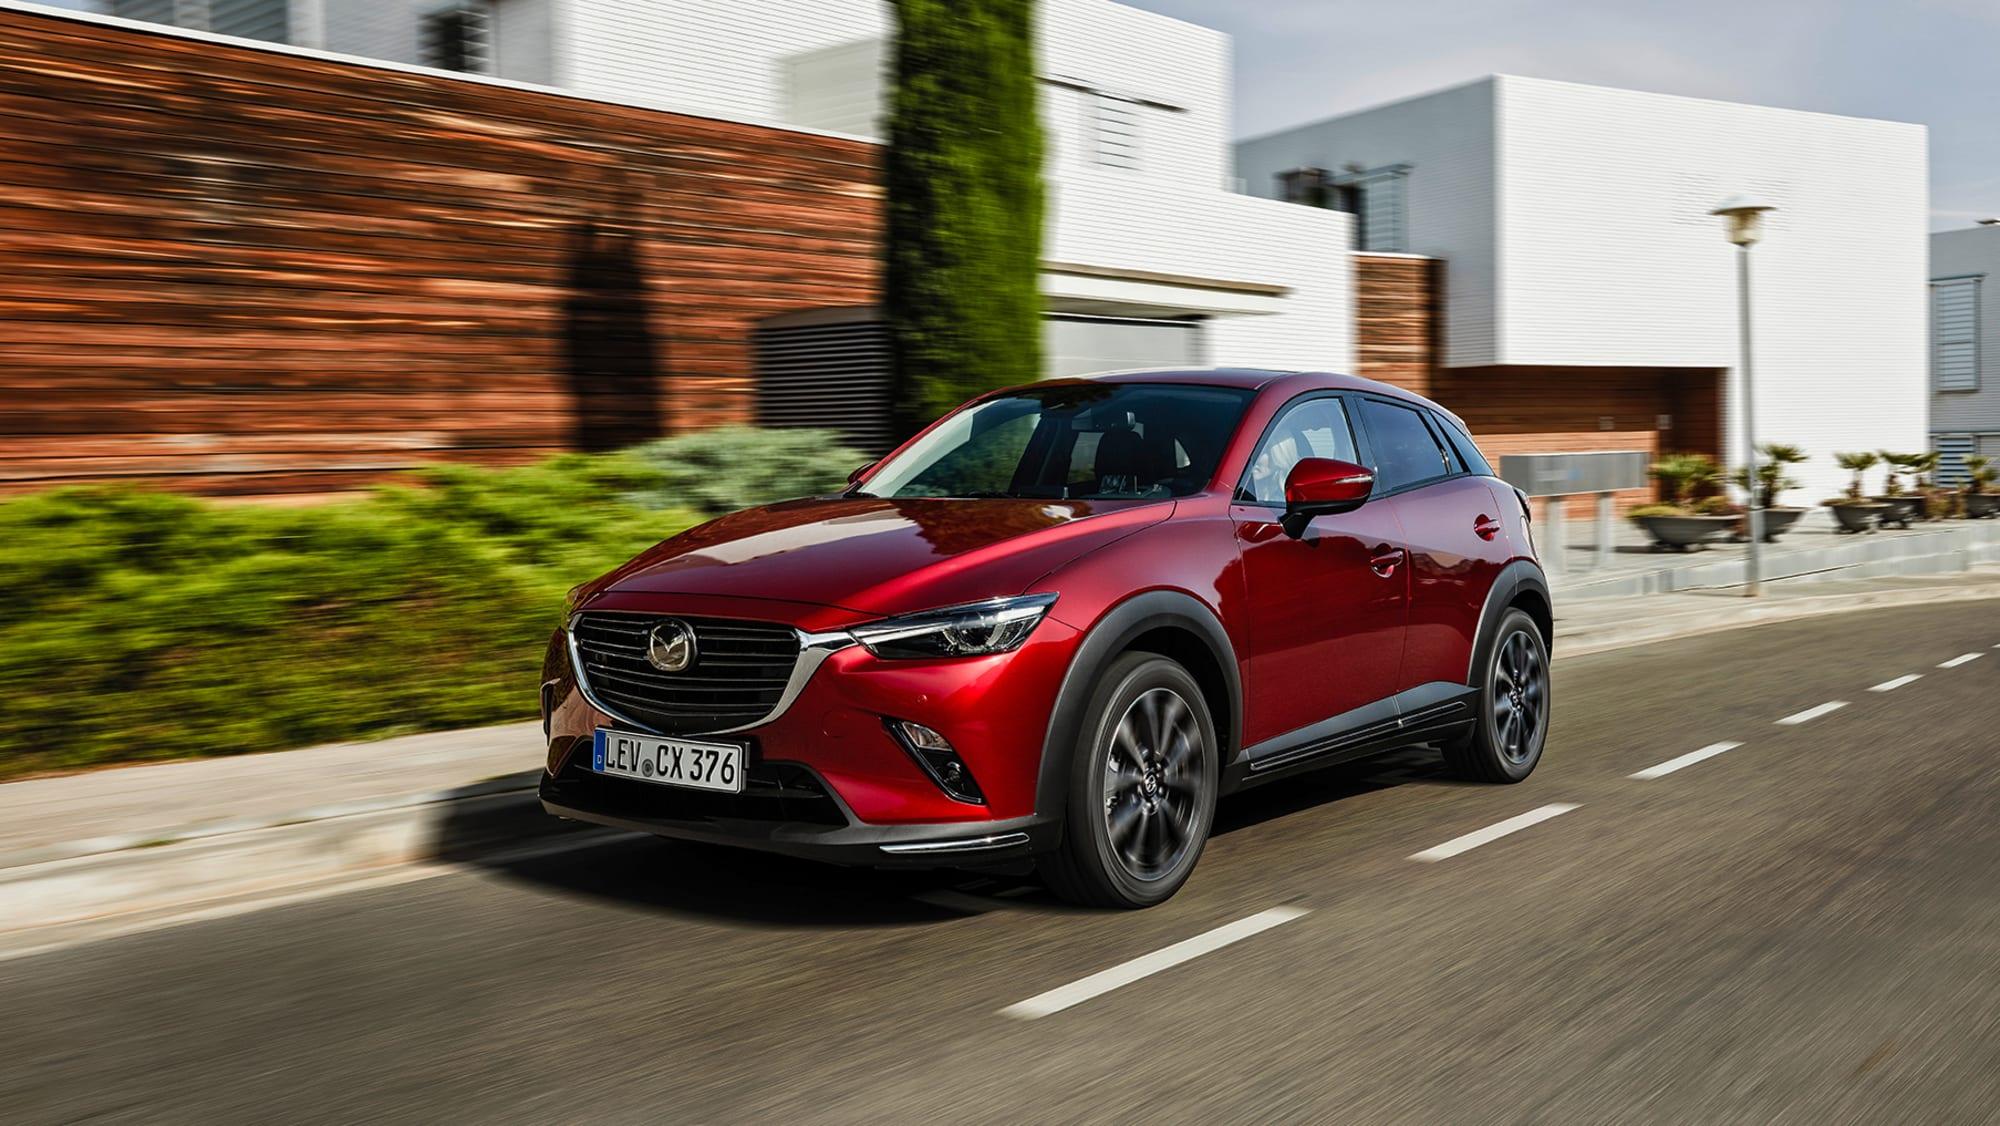 roer Mazda CX-3 2019 faehrt auf Strasse